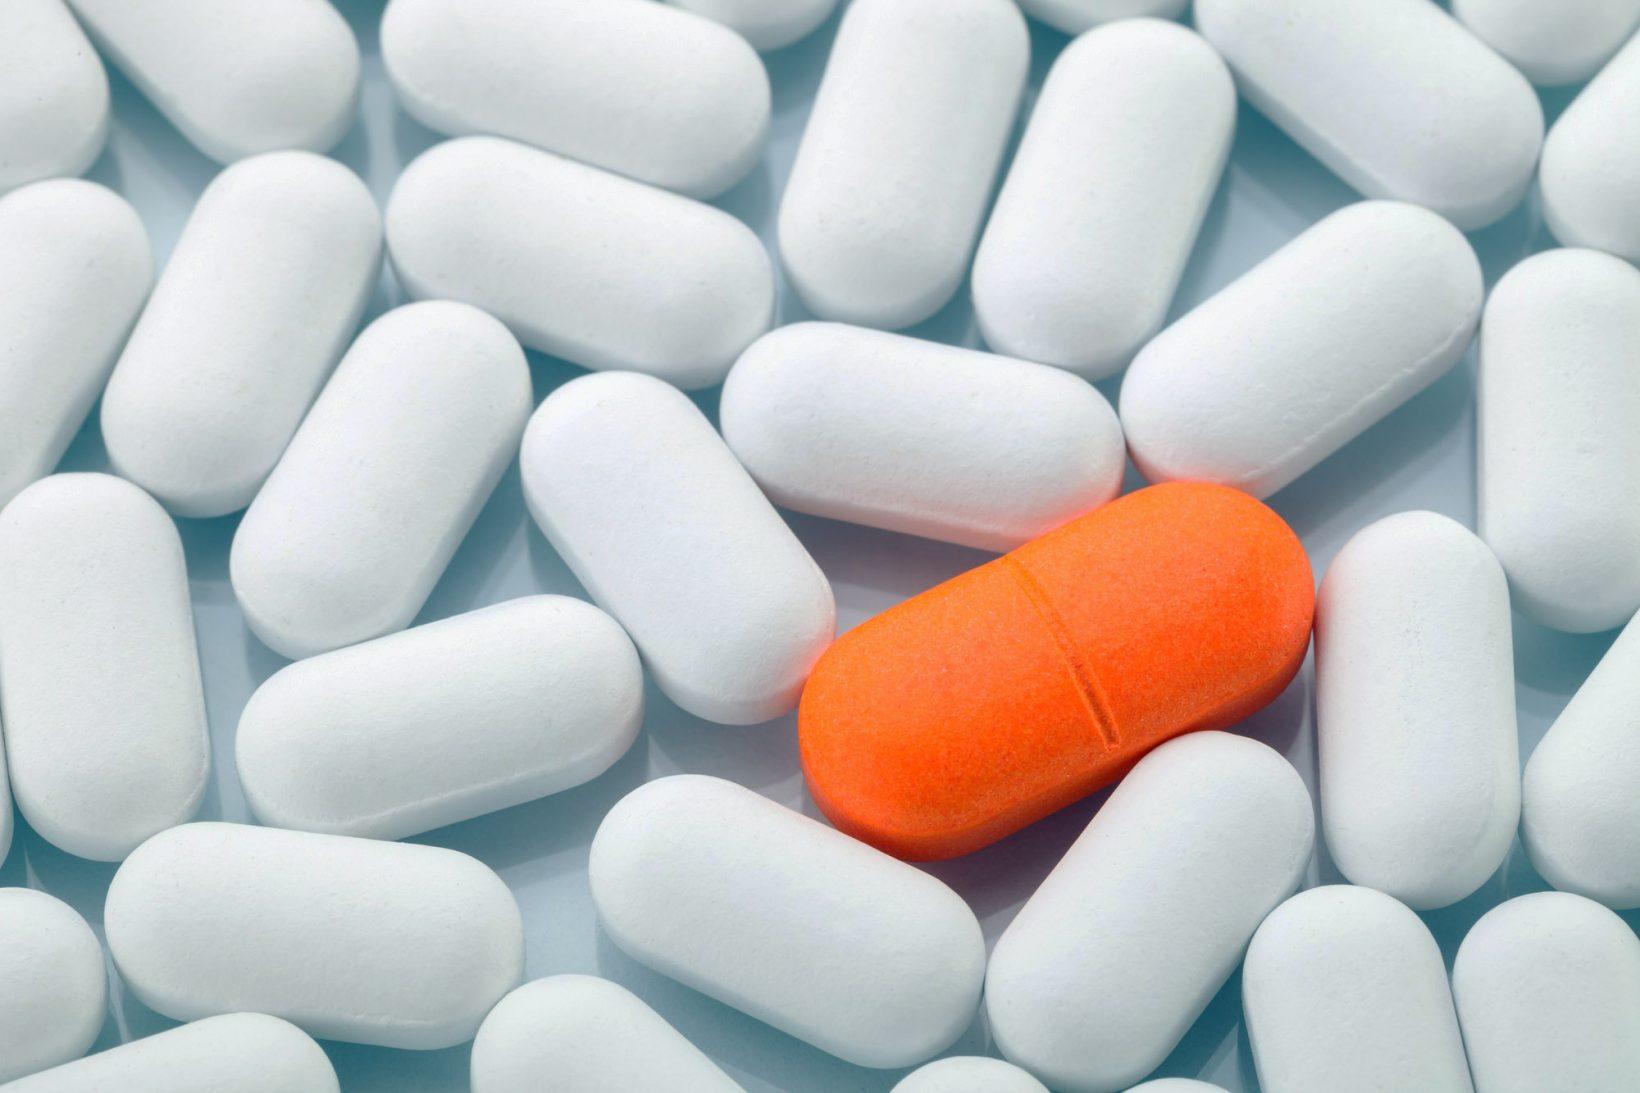 Новые нестероидные противовоспалительные препараты